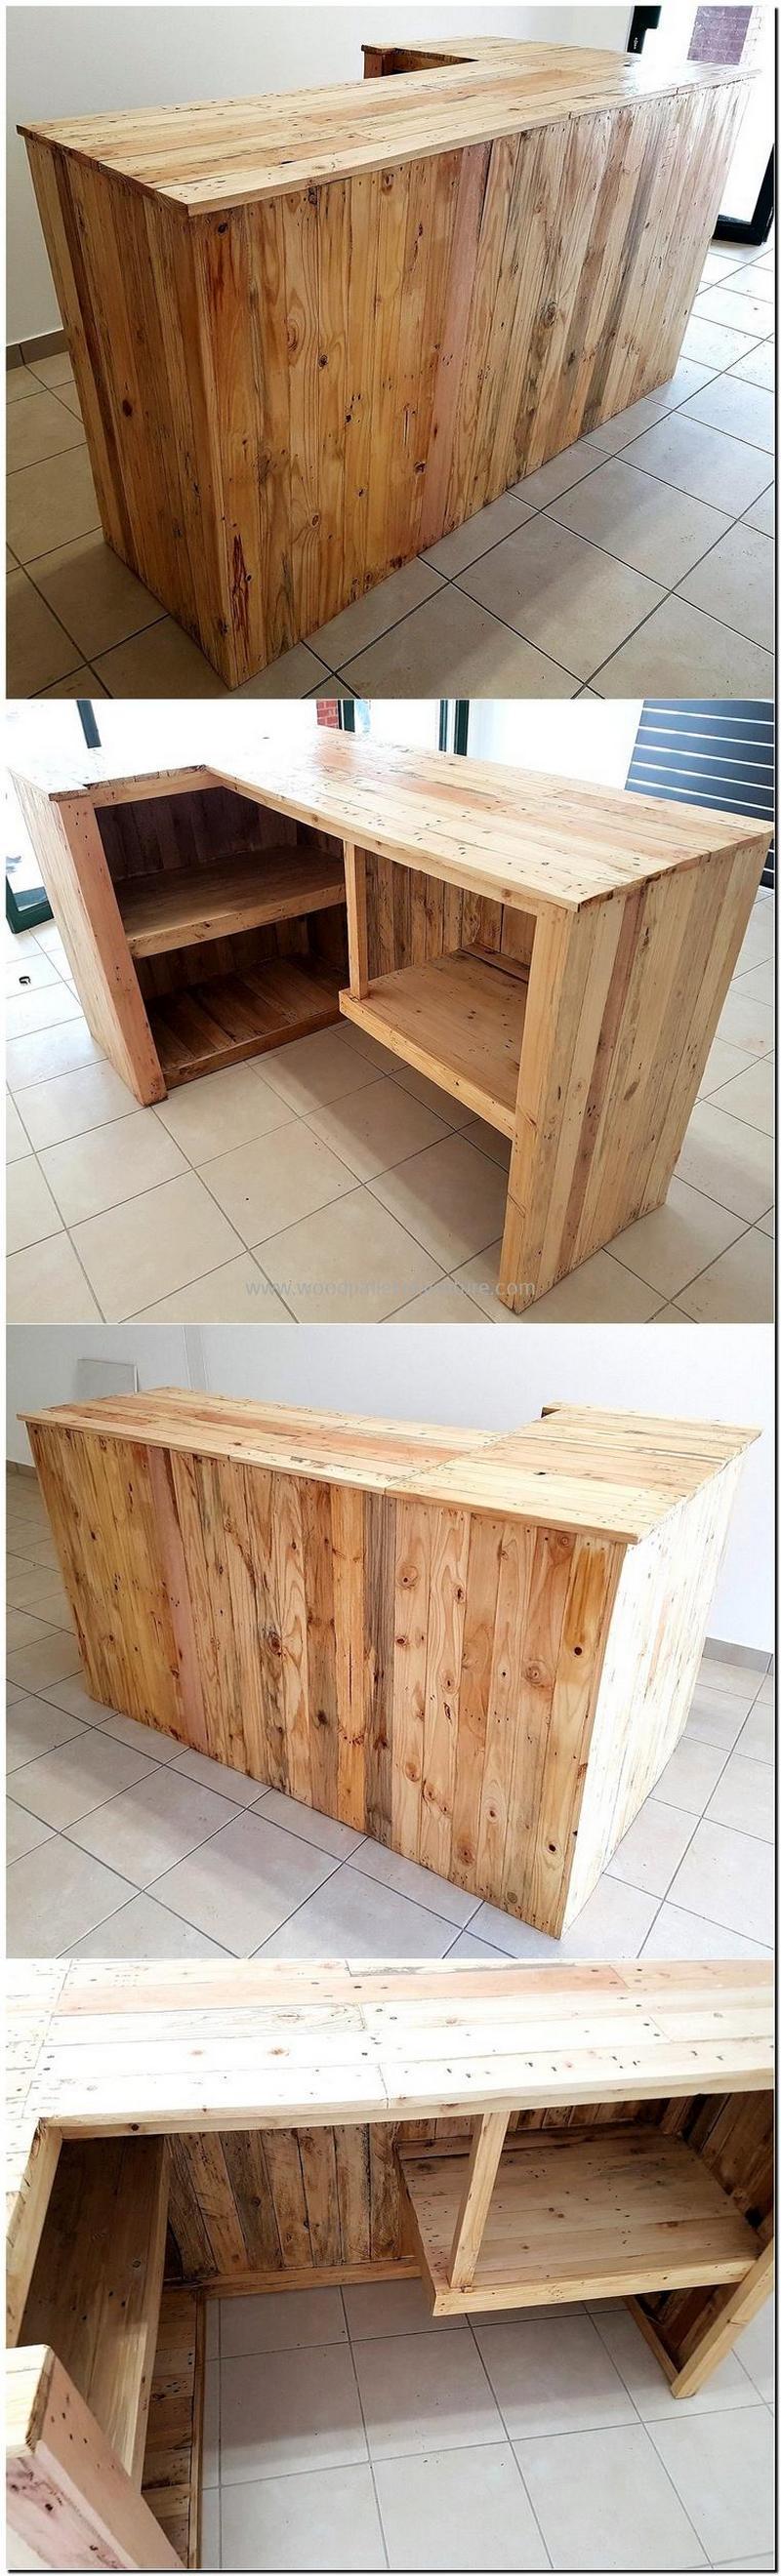 wood pallet bar plan 312